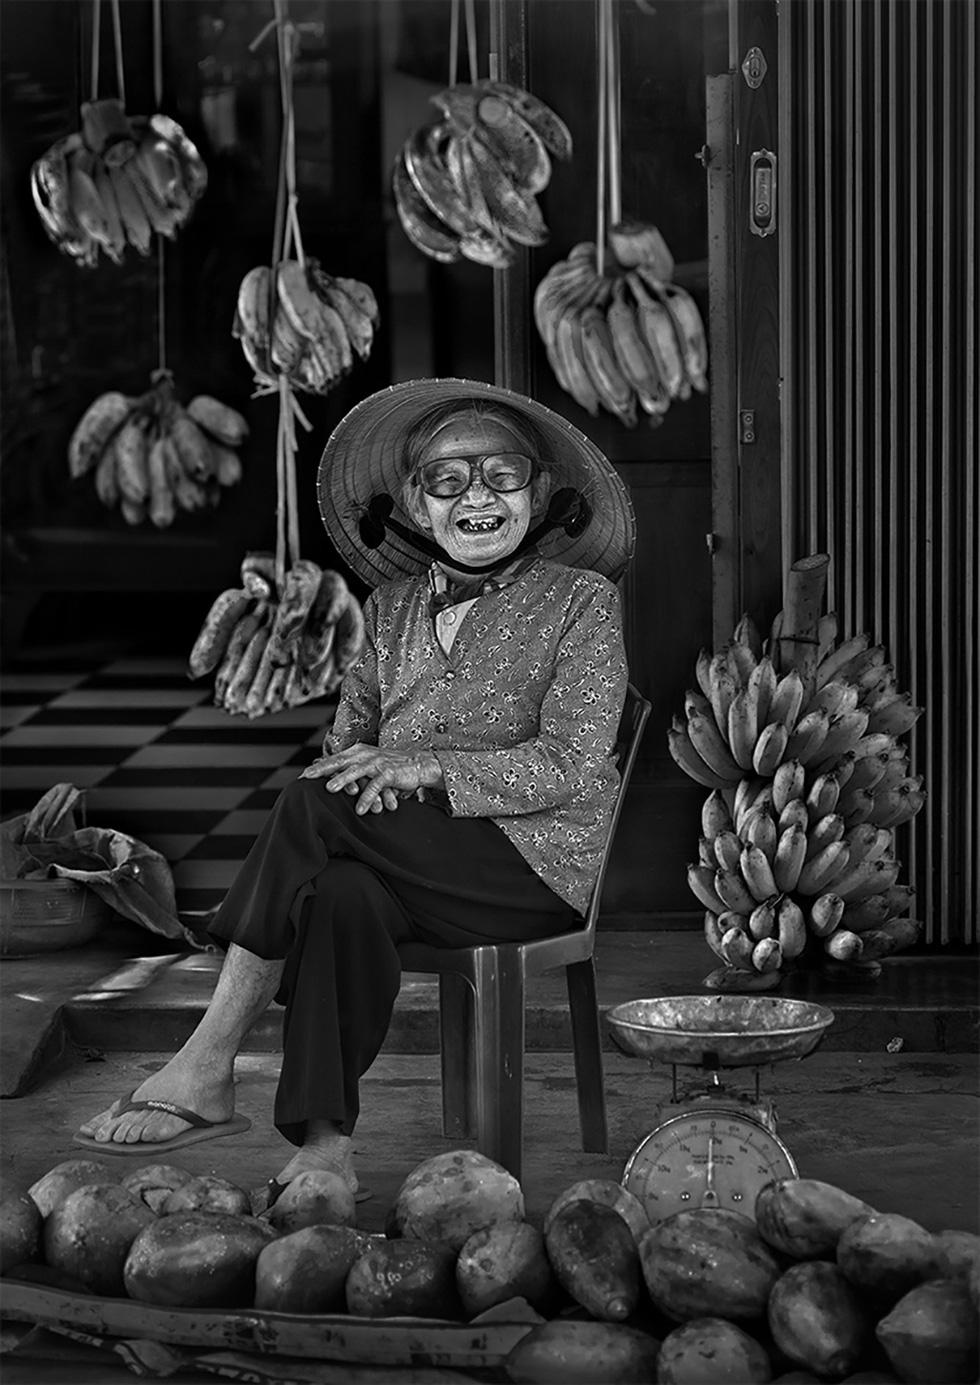 Thấu cảm của nhiếp ảnh gia Lê Hồng Linh: Nếu không phải bây giờ thì bao giờ? - Ảnh 7.